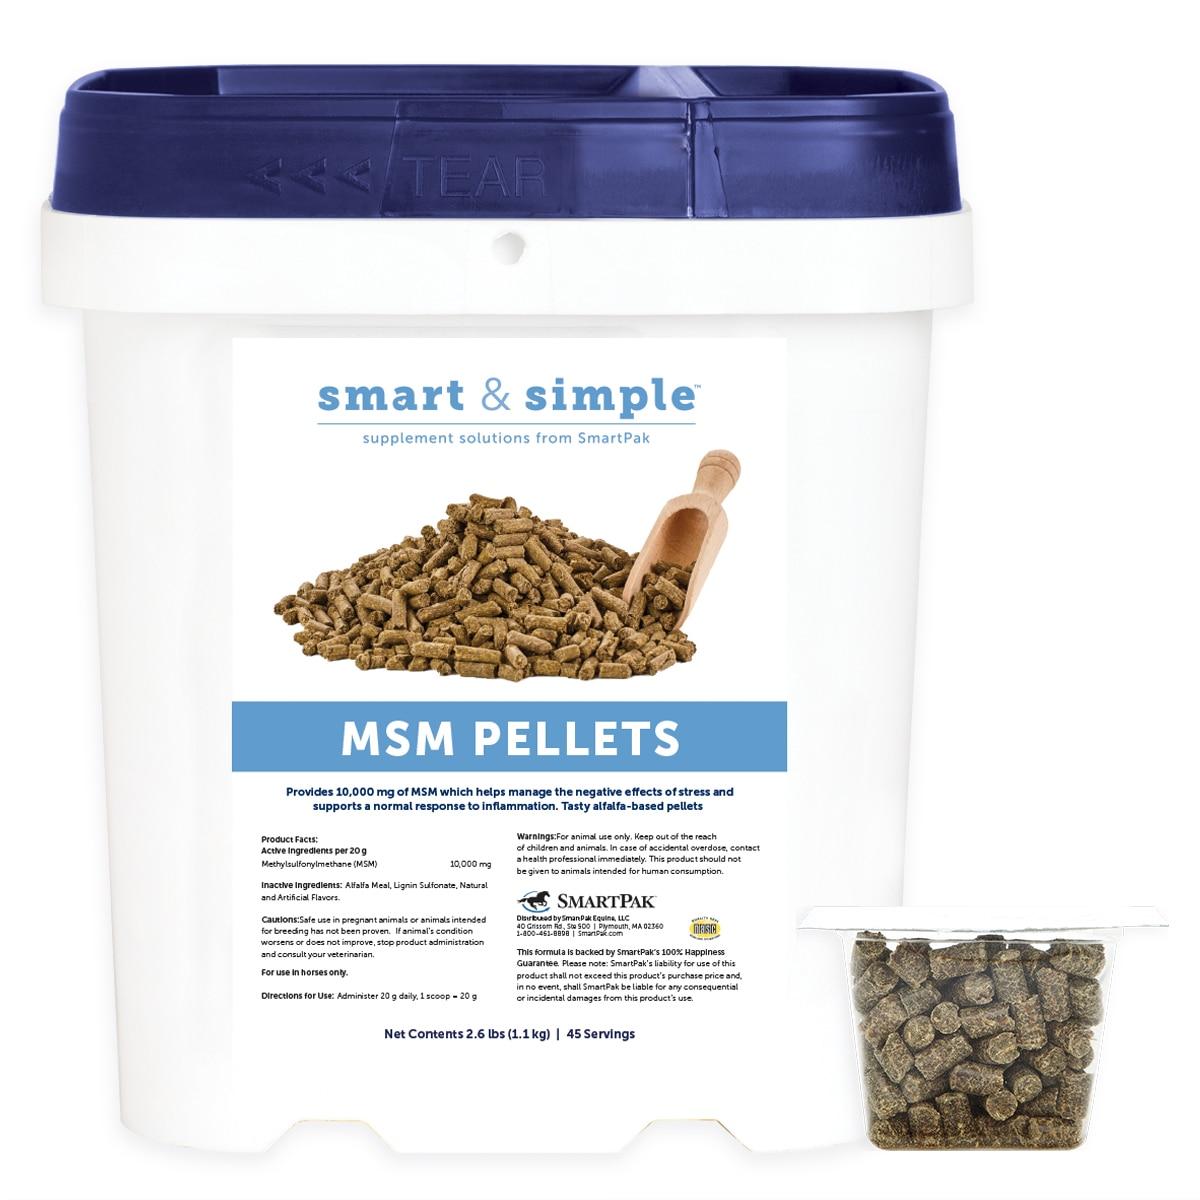 Smart & Simple™ MSM Pellets (formerly MSM Pellets by SmartPak)